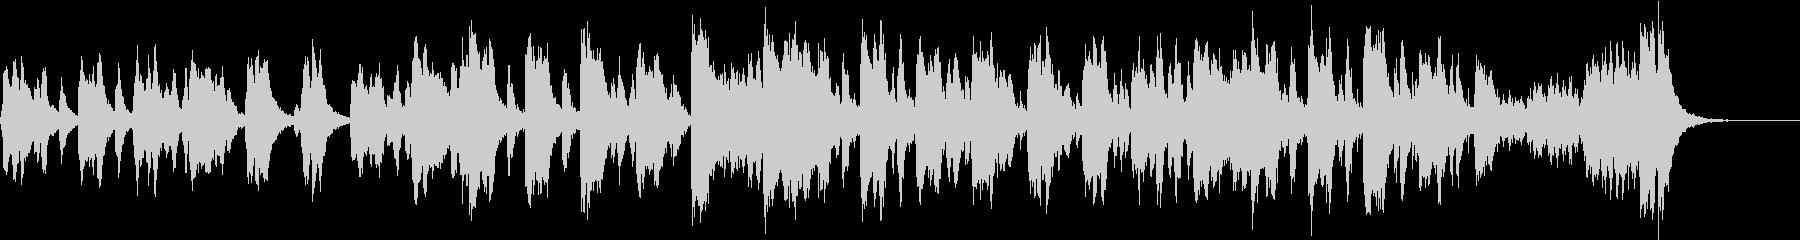 バイオリンとピアノのコミカルなワルツの未再生の波形